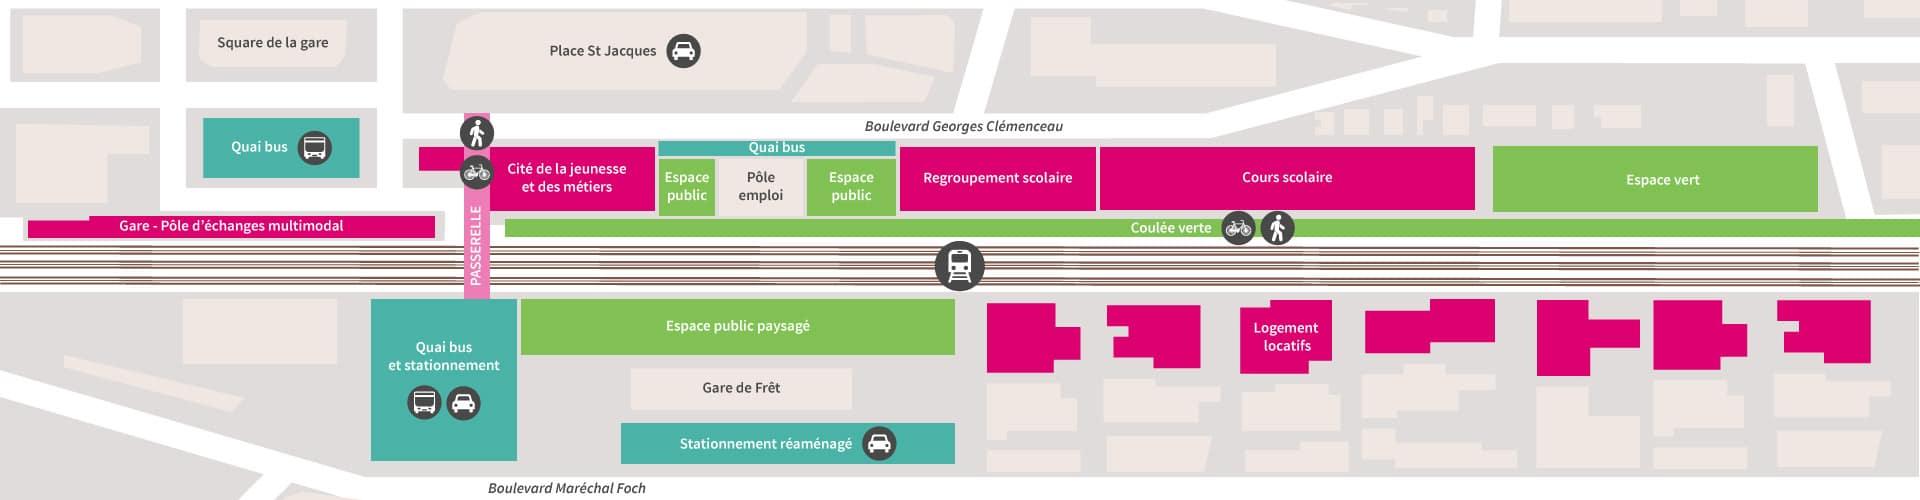 Plan du Quartier de la Gare de Bressuire